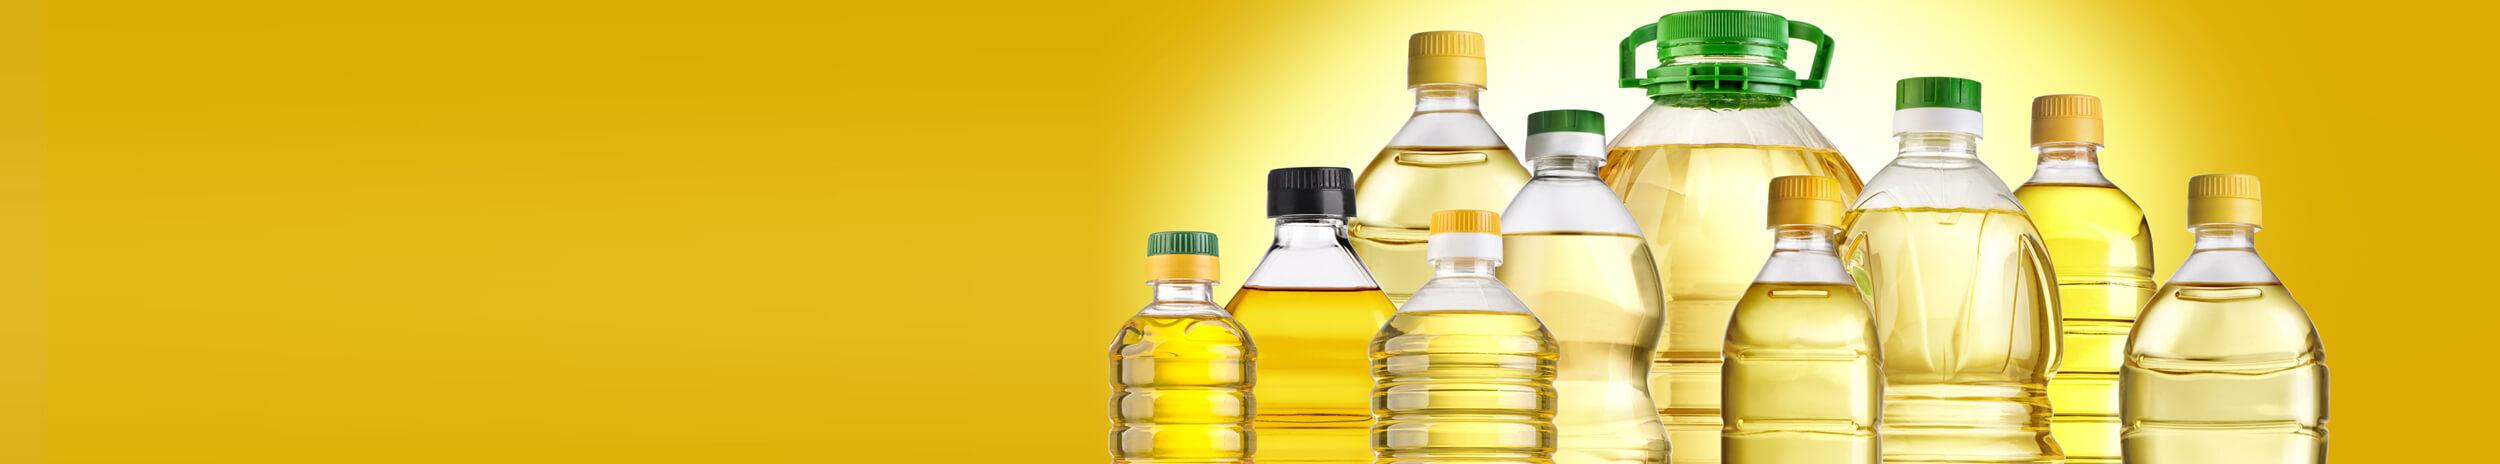 Você sabe como contribuir para a  reciclagem  do  óleo  utilizado na sua  cozinha?